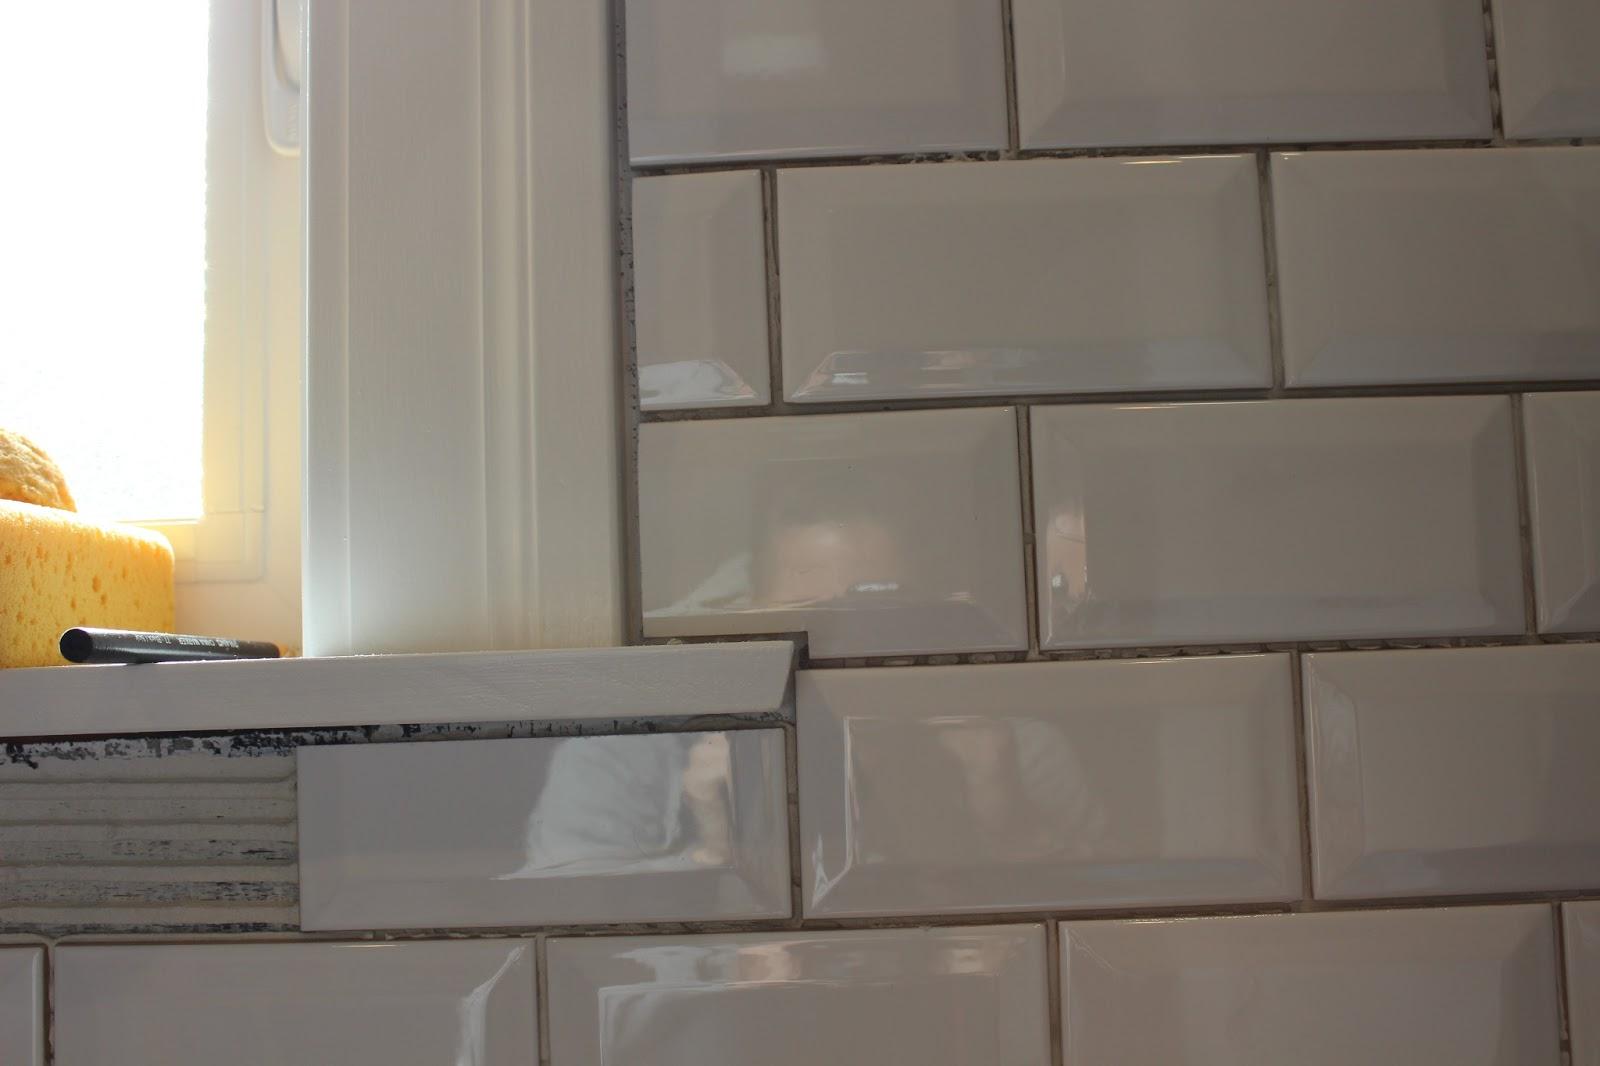 Tiling Around A Window Sill - Round Designs